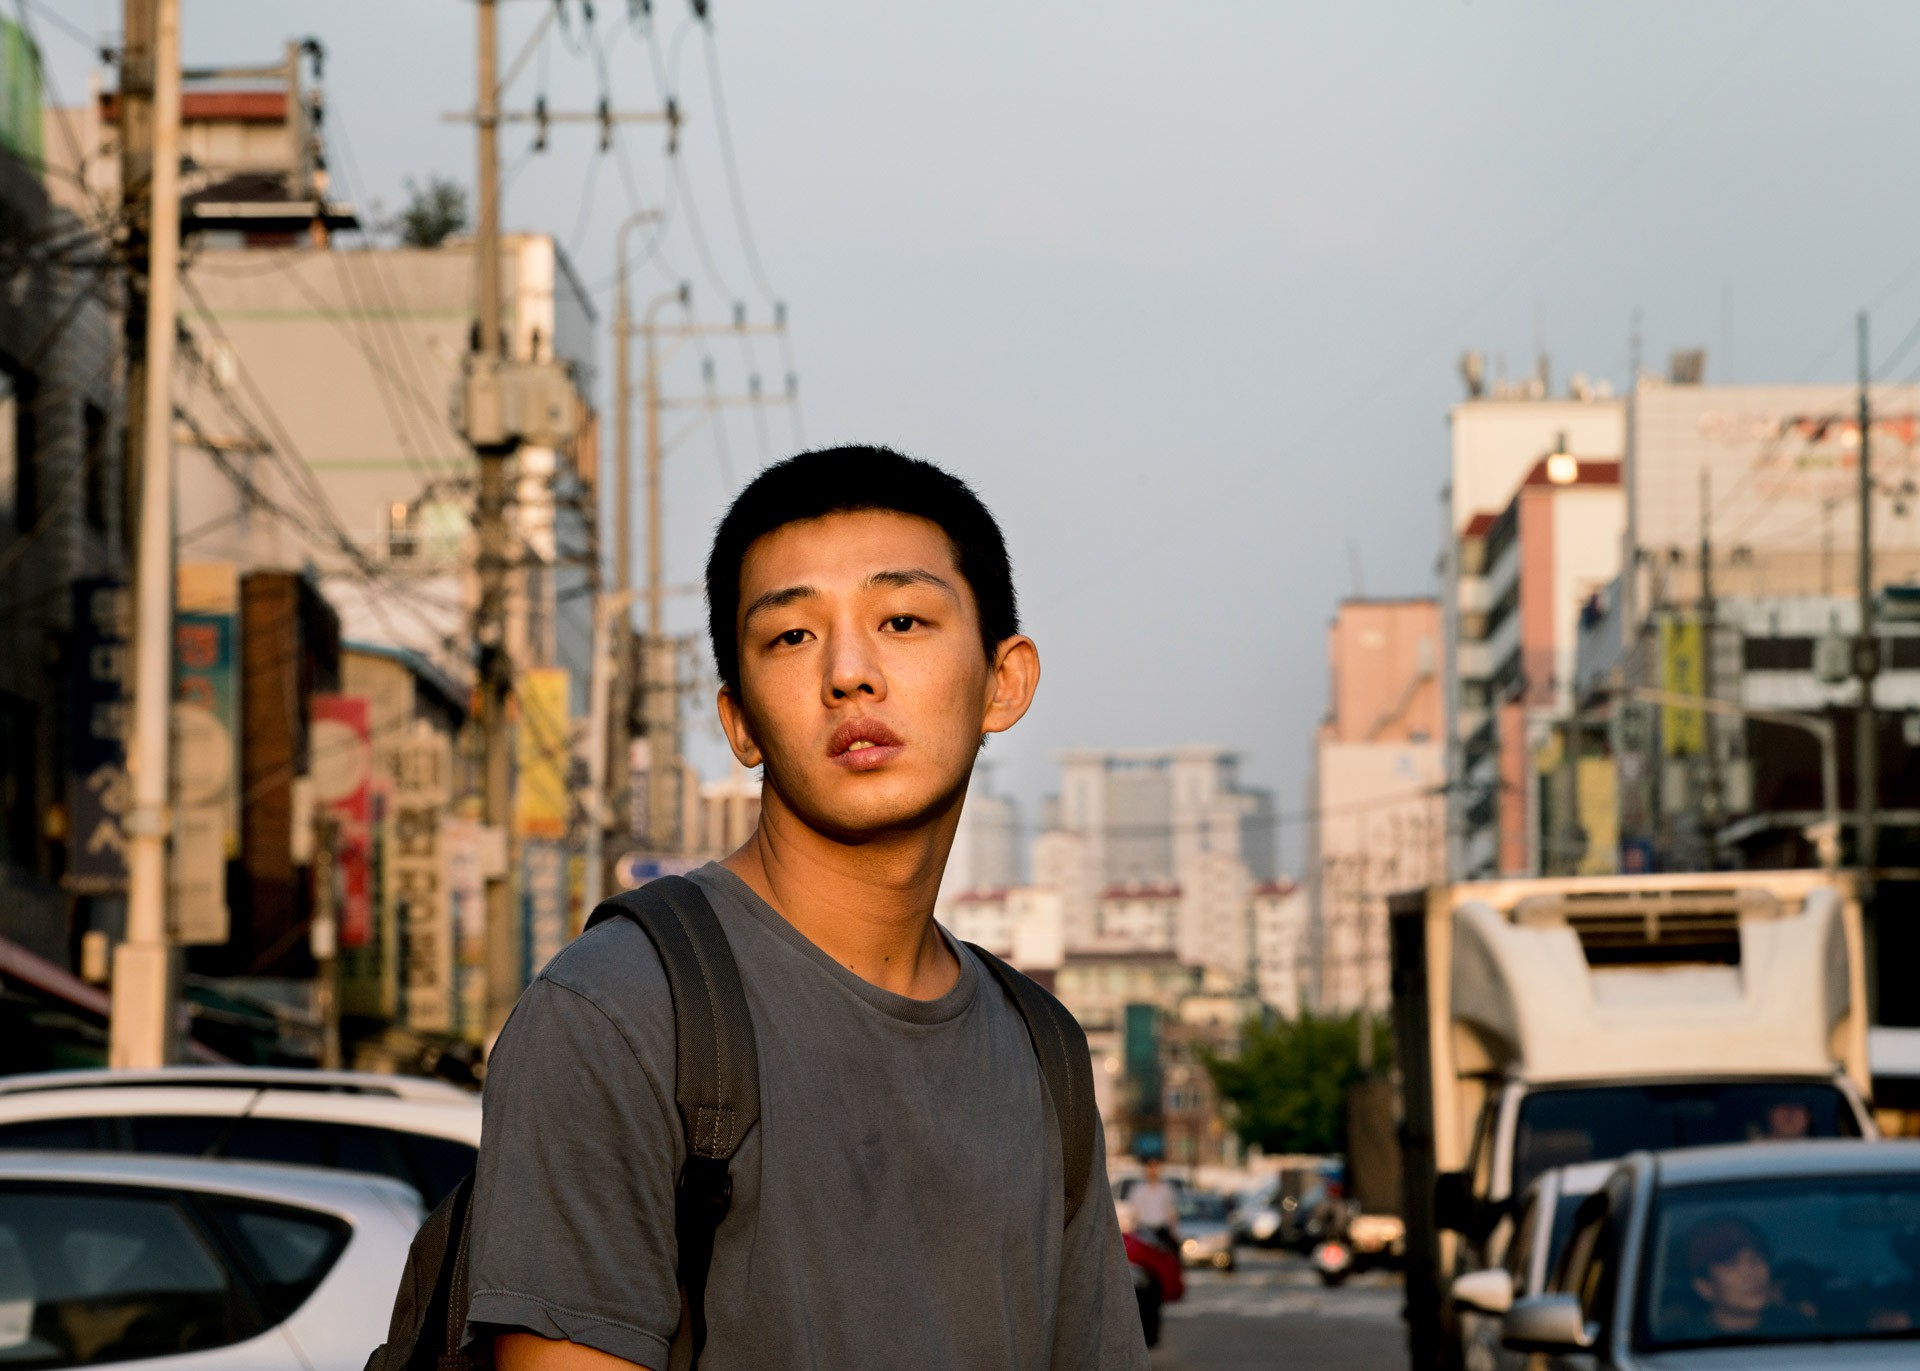 Tuyệt tác Hàn Quốc Burning: Tuổi trẻ hoang hoải và phi lý giữa xã hội hiện đại - Ảnh 2.